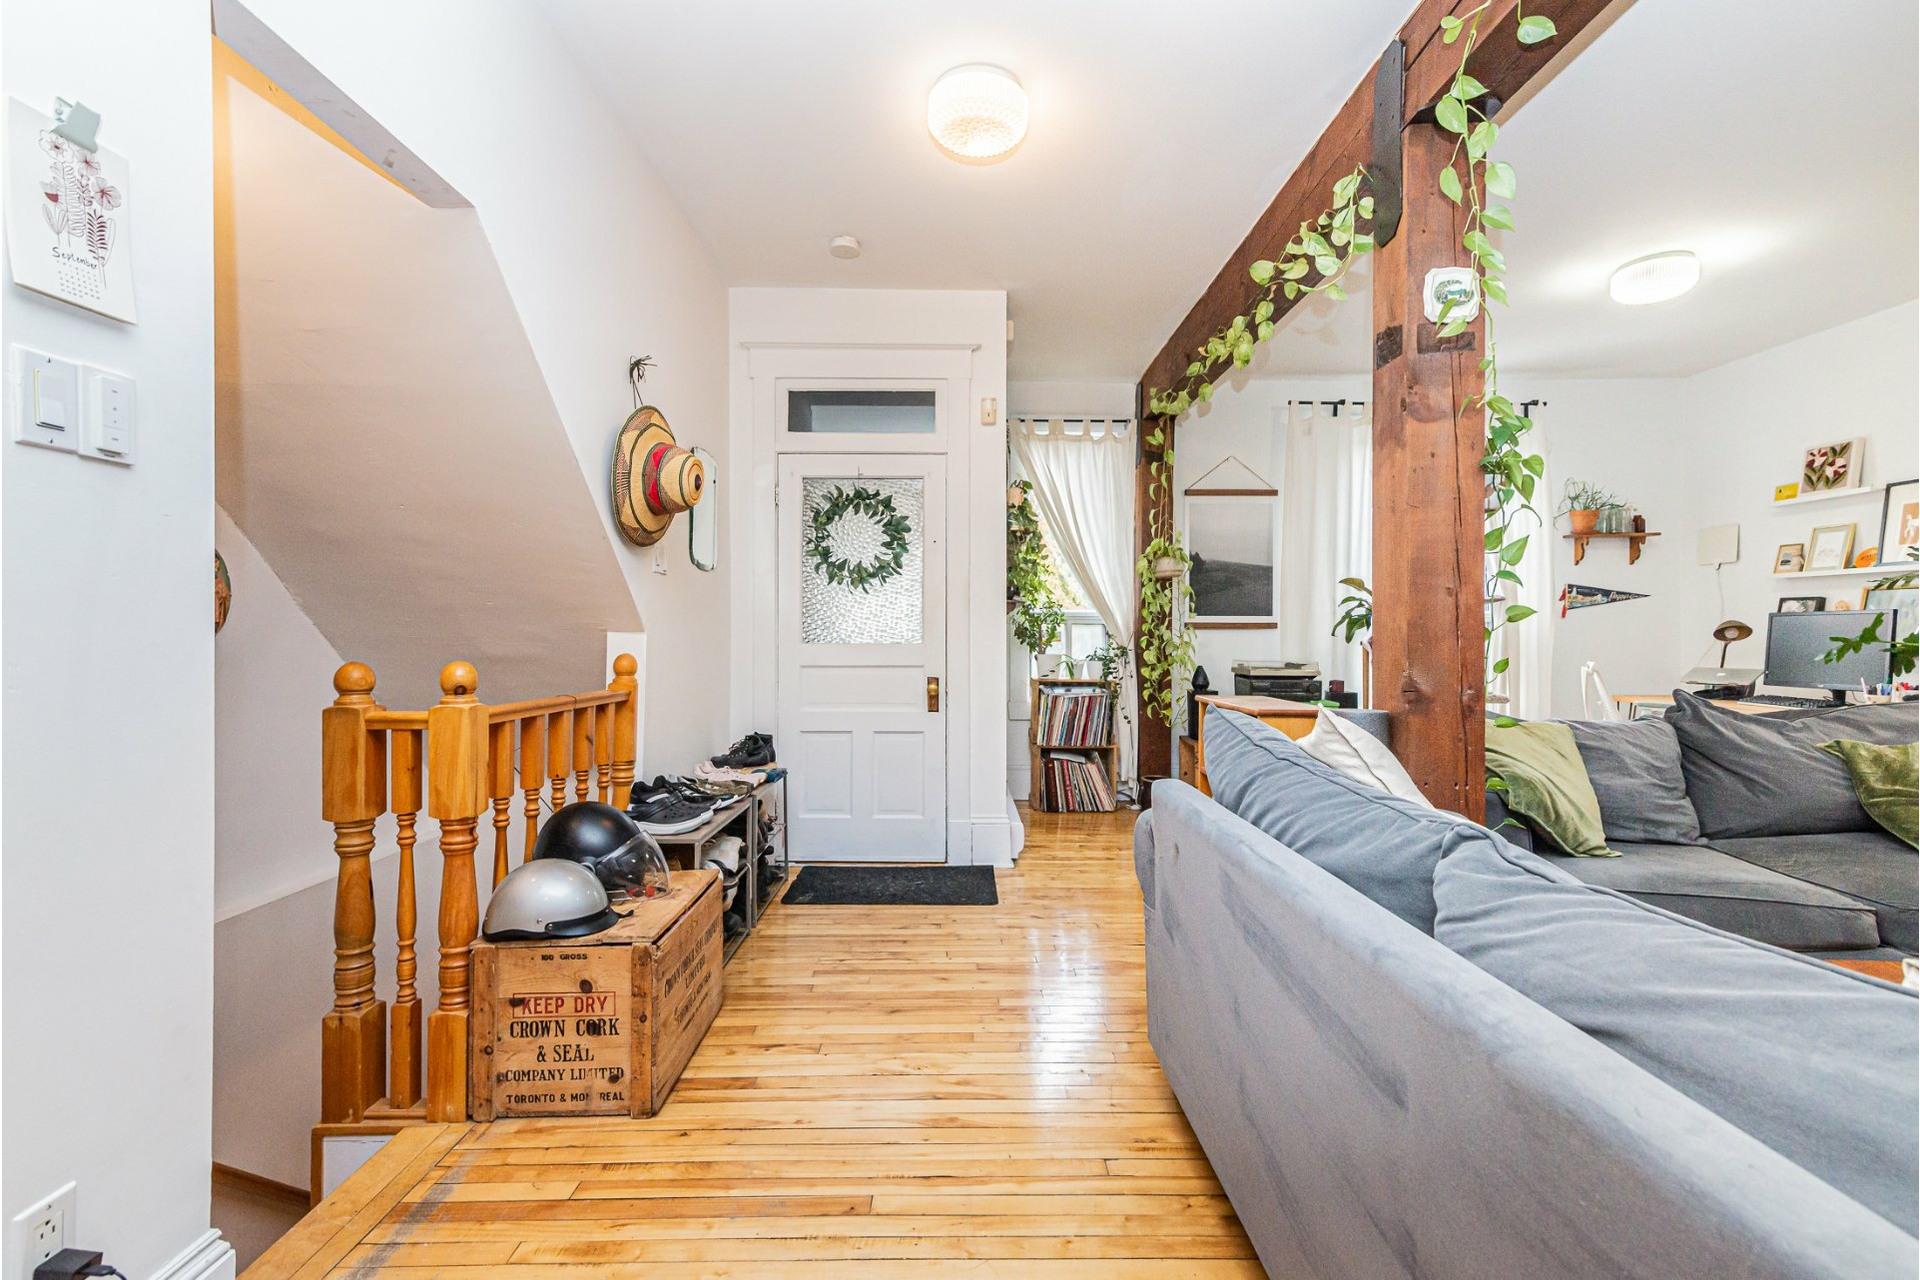 image 12 - Duplex À vendre Côte-des-Neiges/Notre-Dame-de-Grâce Montréal  - 5 pièces